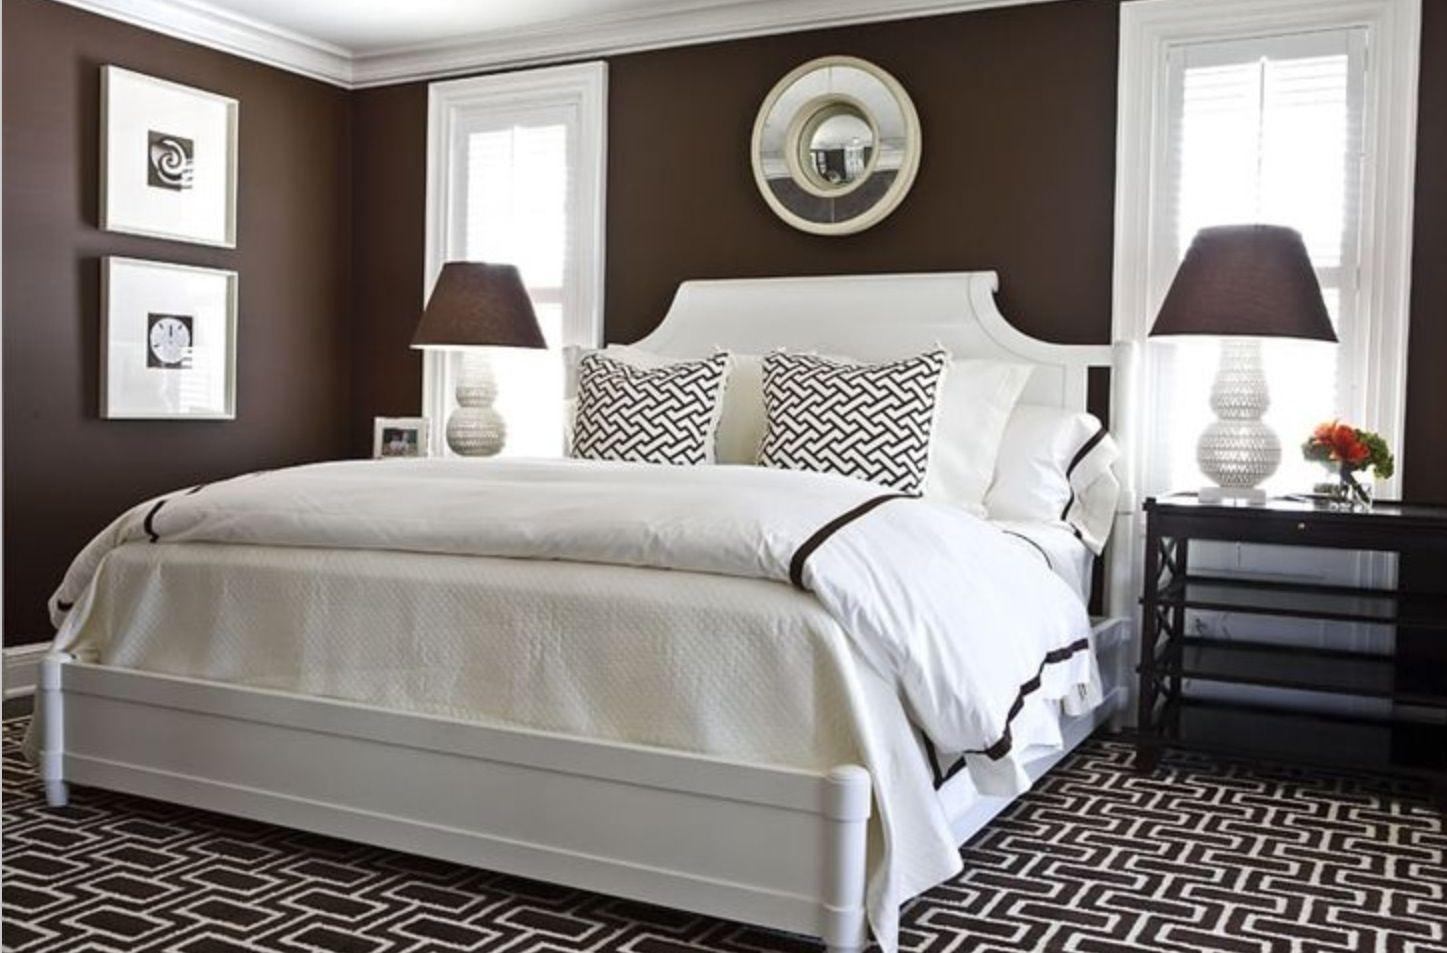 Slaapkamer Ideeen Bruin : Bruine slaapkamer bruin slaapkamer inspiratie bedroom brown